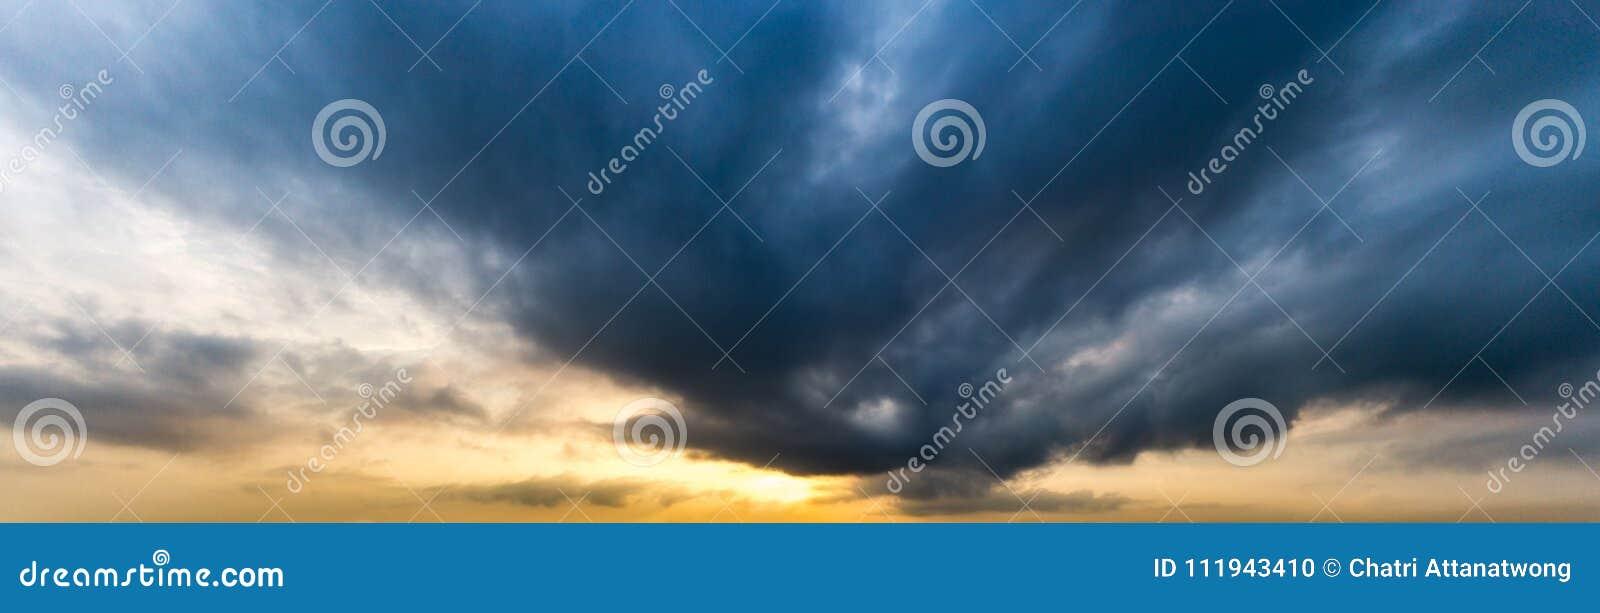 Panoramabild von strom Wolke auf dem Himmel am Morgen